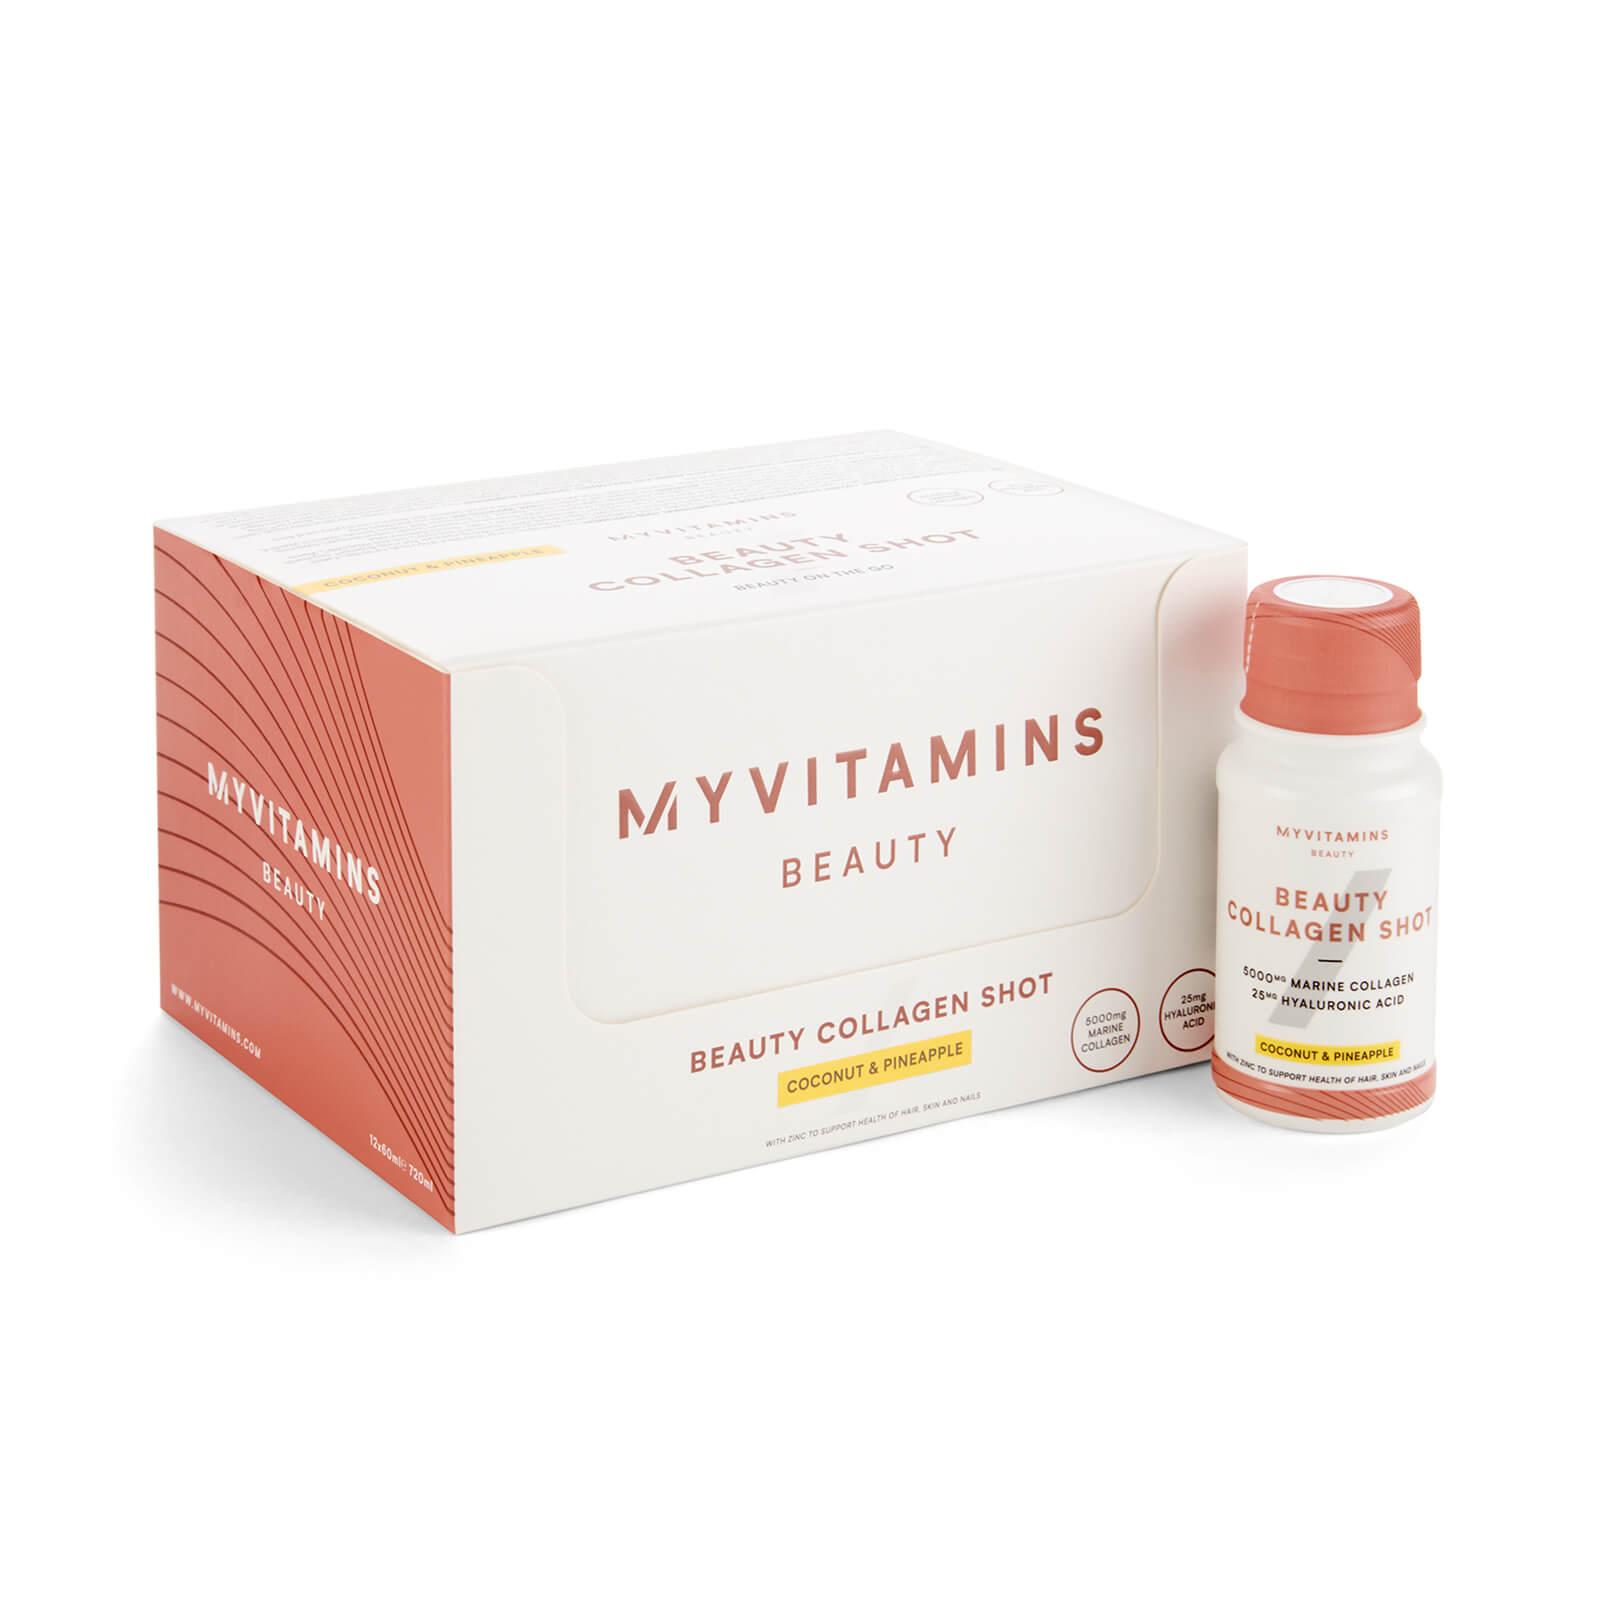 Myvitamins Collagène à boire - Shot Beauté - 12 x 60ml - Coconut & Pineapple